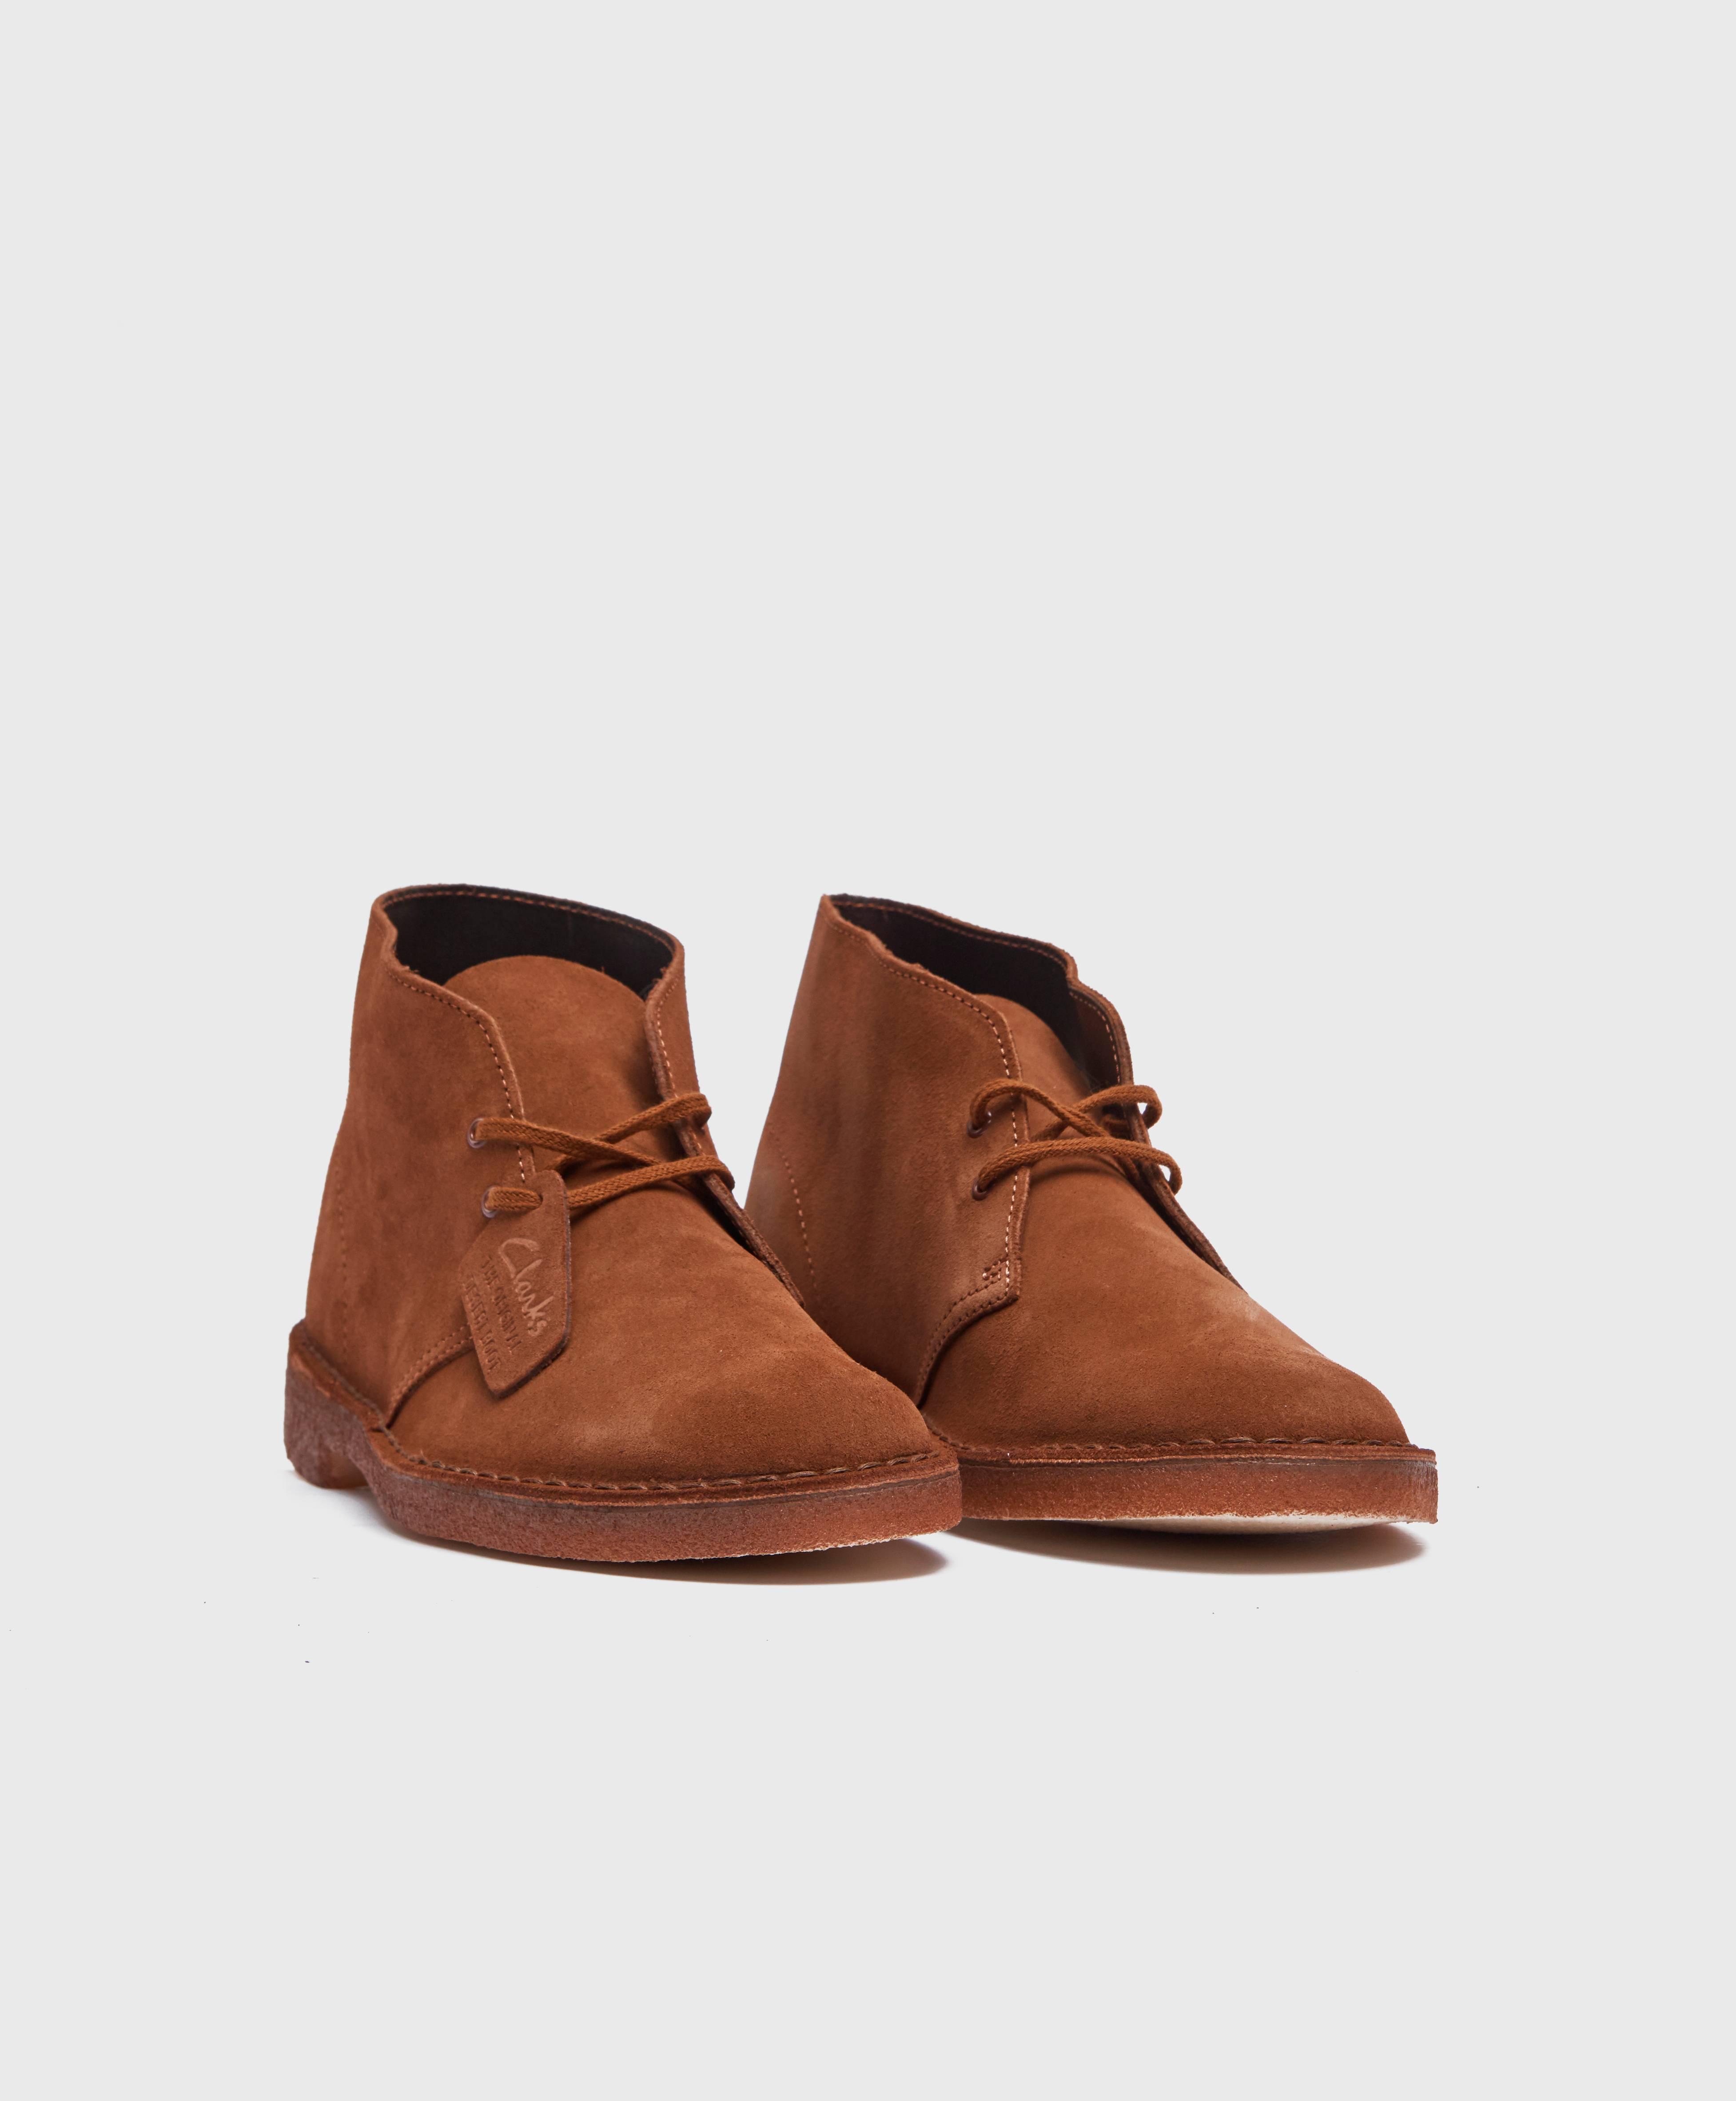 Clarks Originals Boots Desert Boot Suede Svart Sko